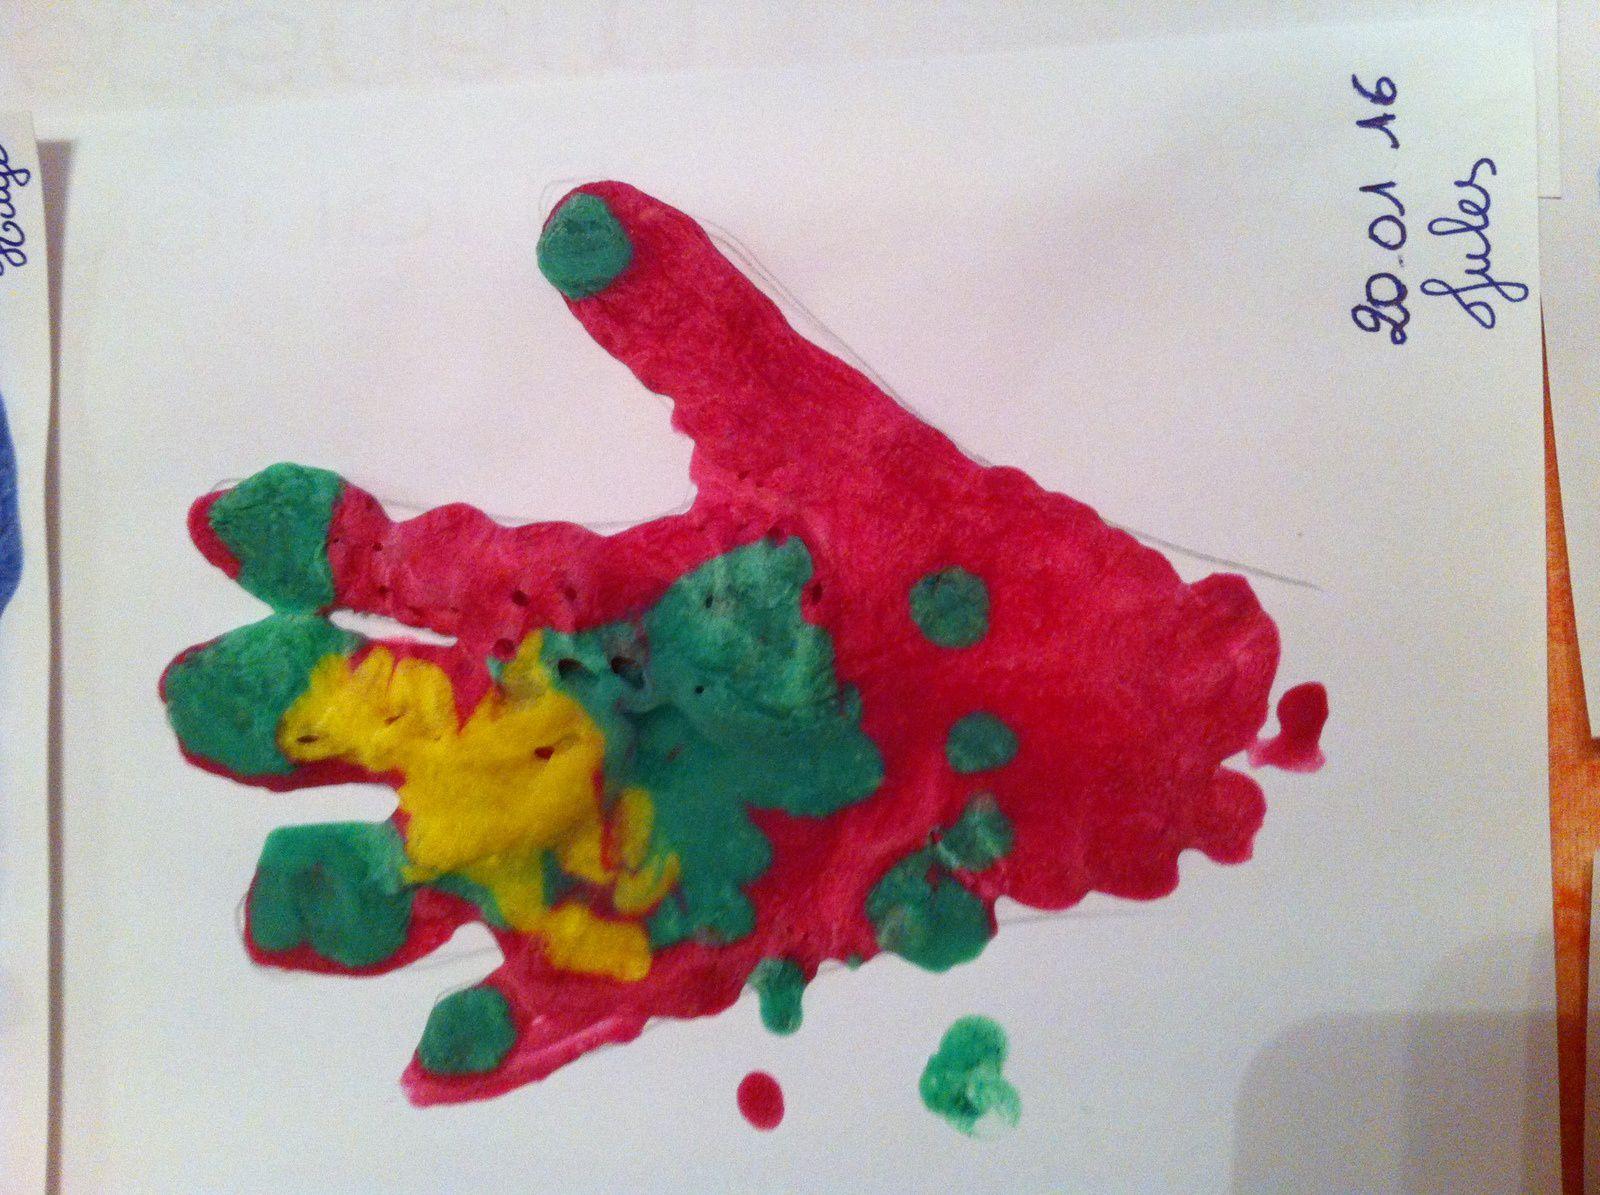 Activité du mercredi peinture gonflante